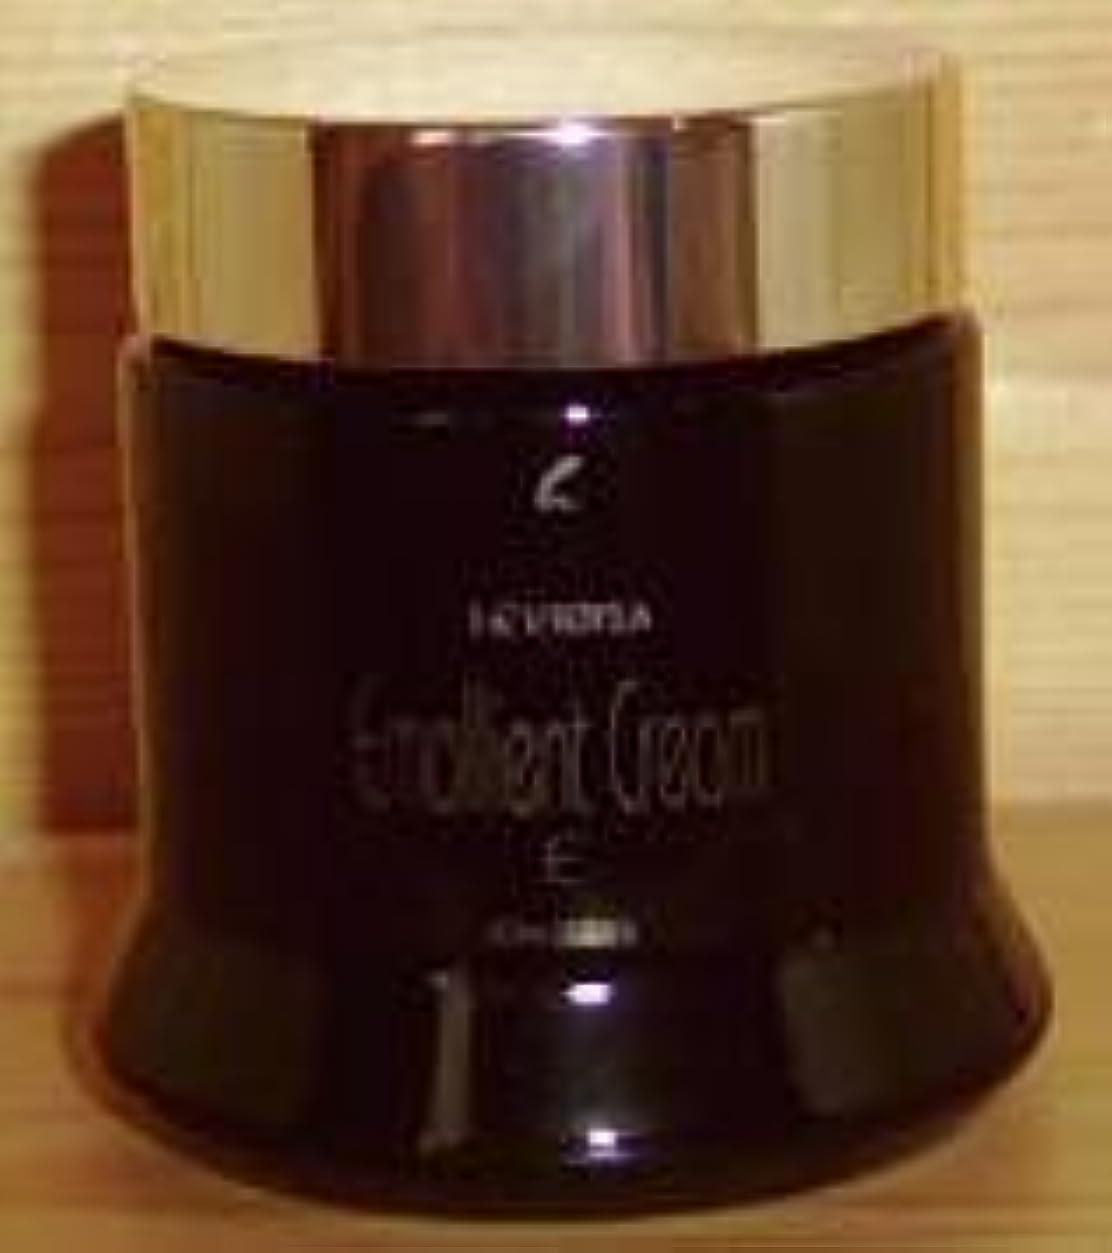 舗装する手のひら区別レビオナ化粧品エモリエントクリームE 天然イオン配合